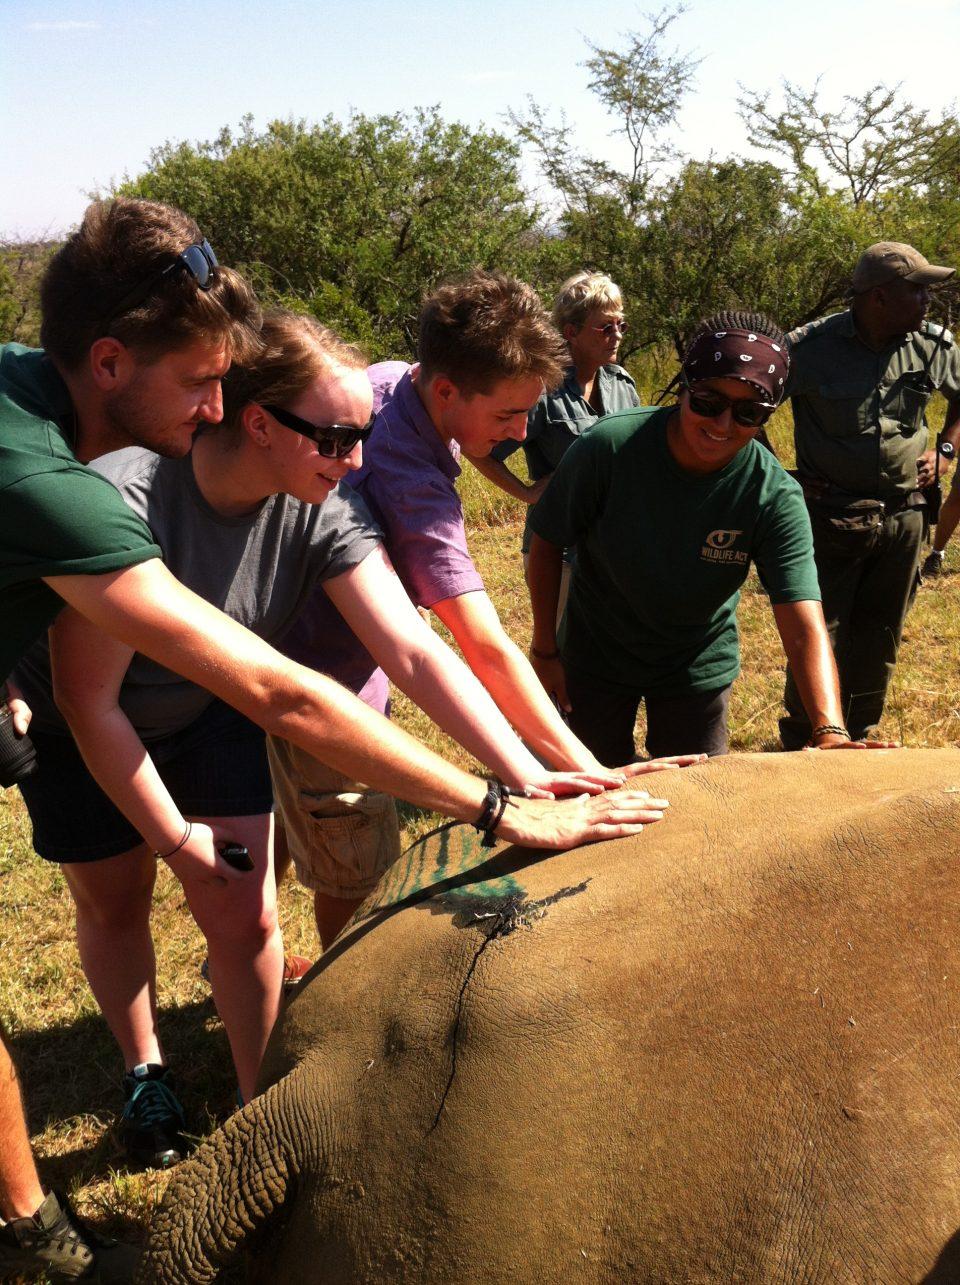 Volunteers with sedated rhino